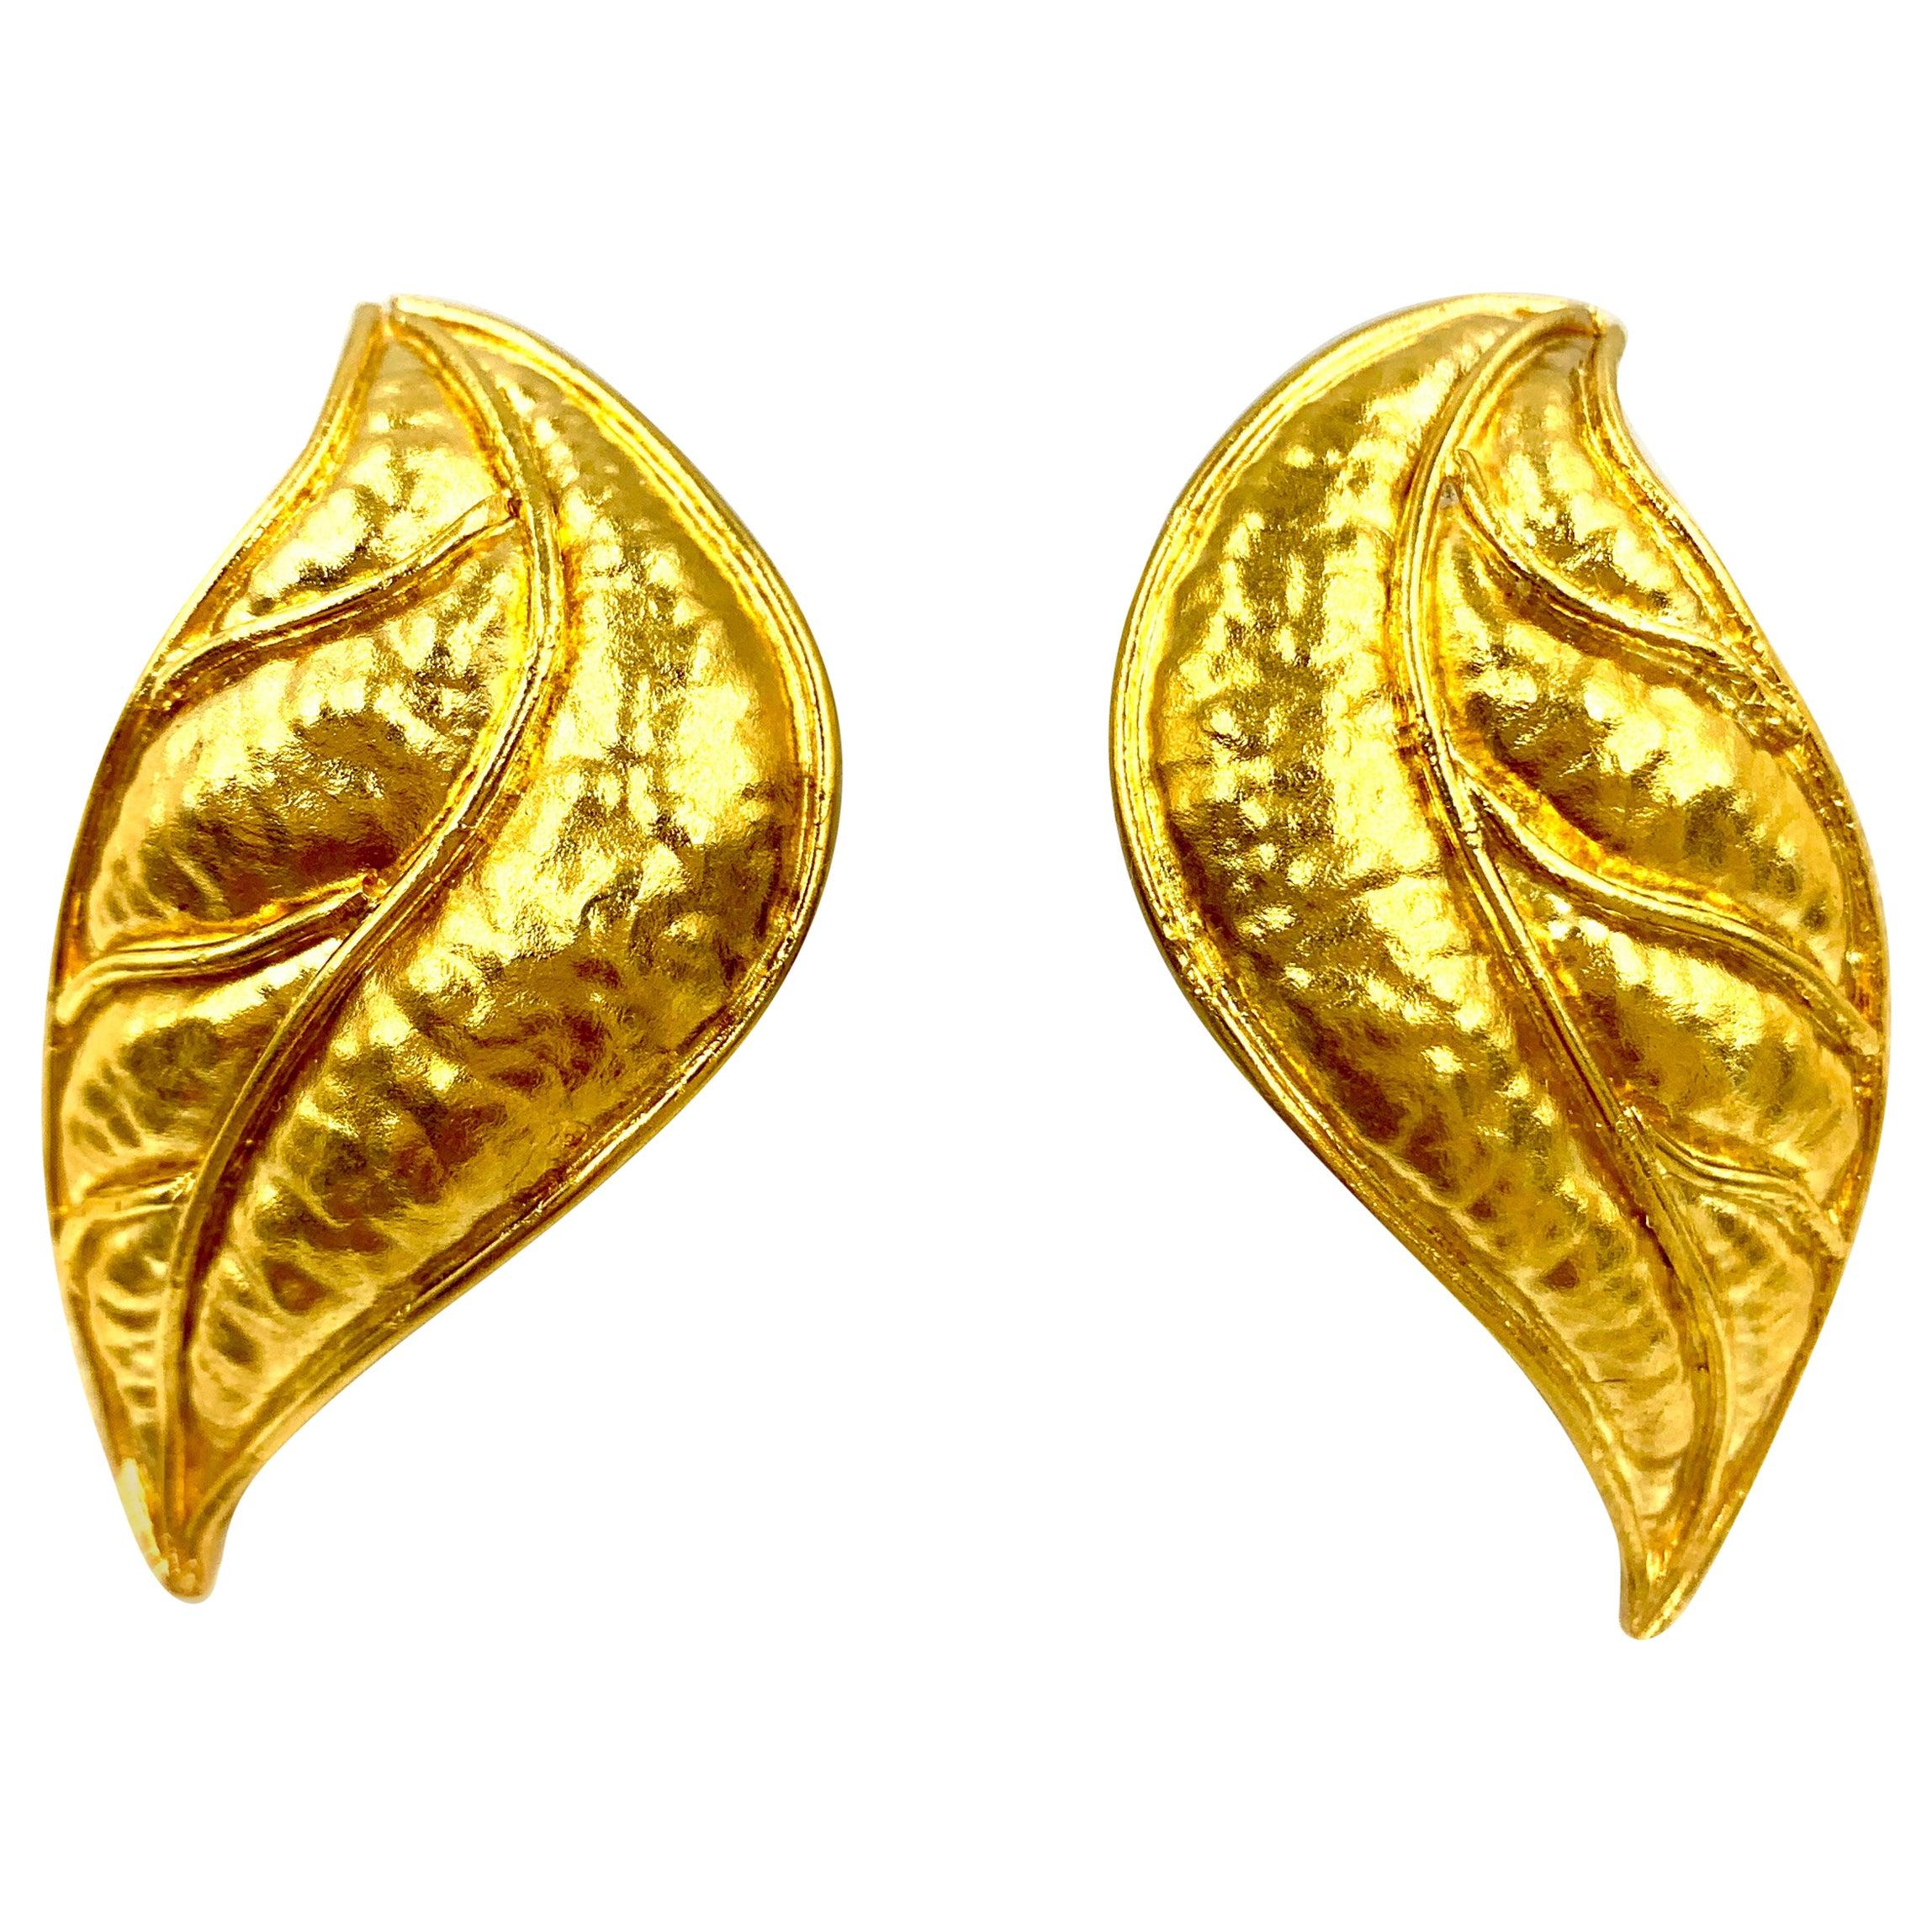 Statement Hammered Gold Laurel Leaf Earrings, 18 Karat, Classic Greek Design